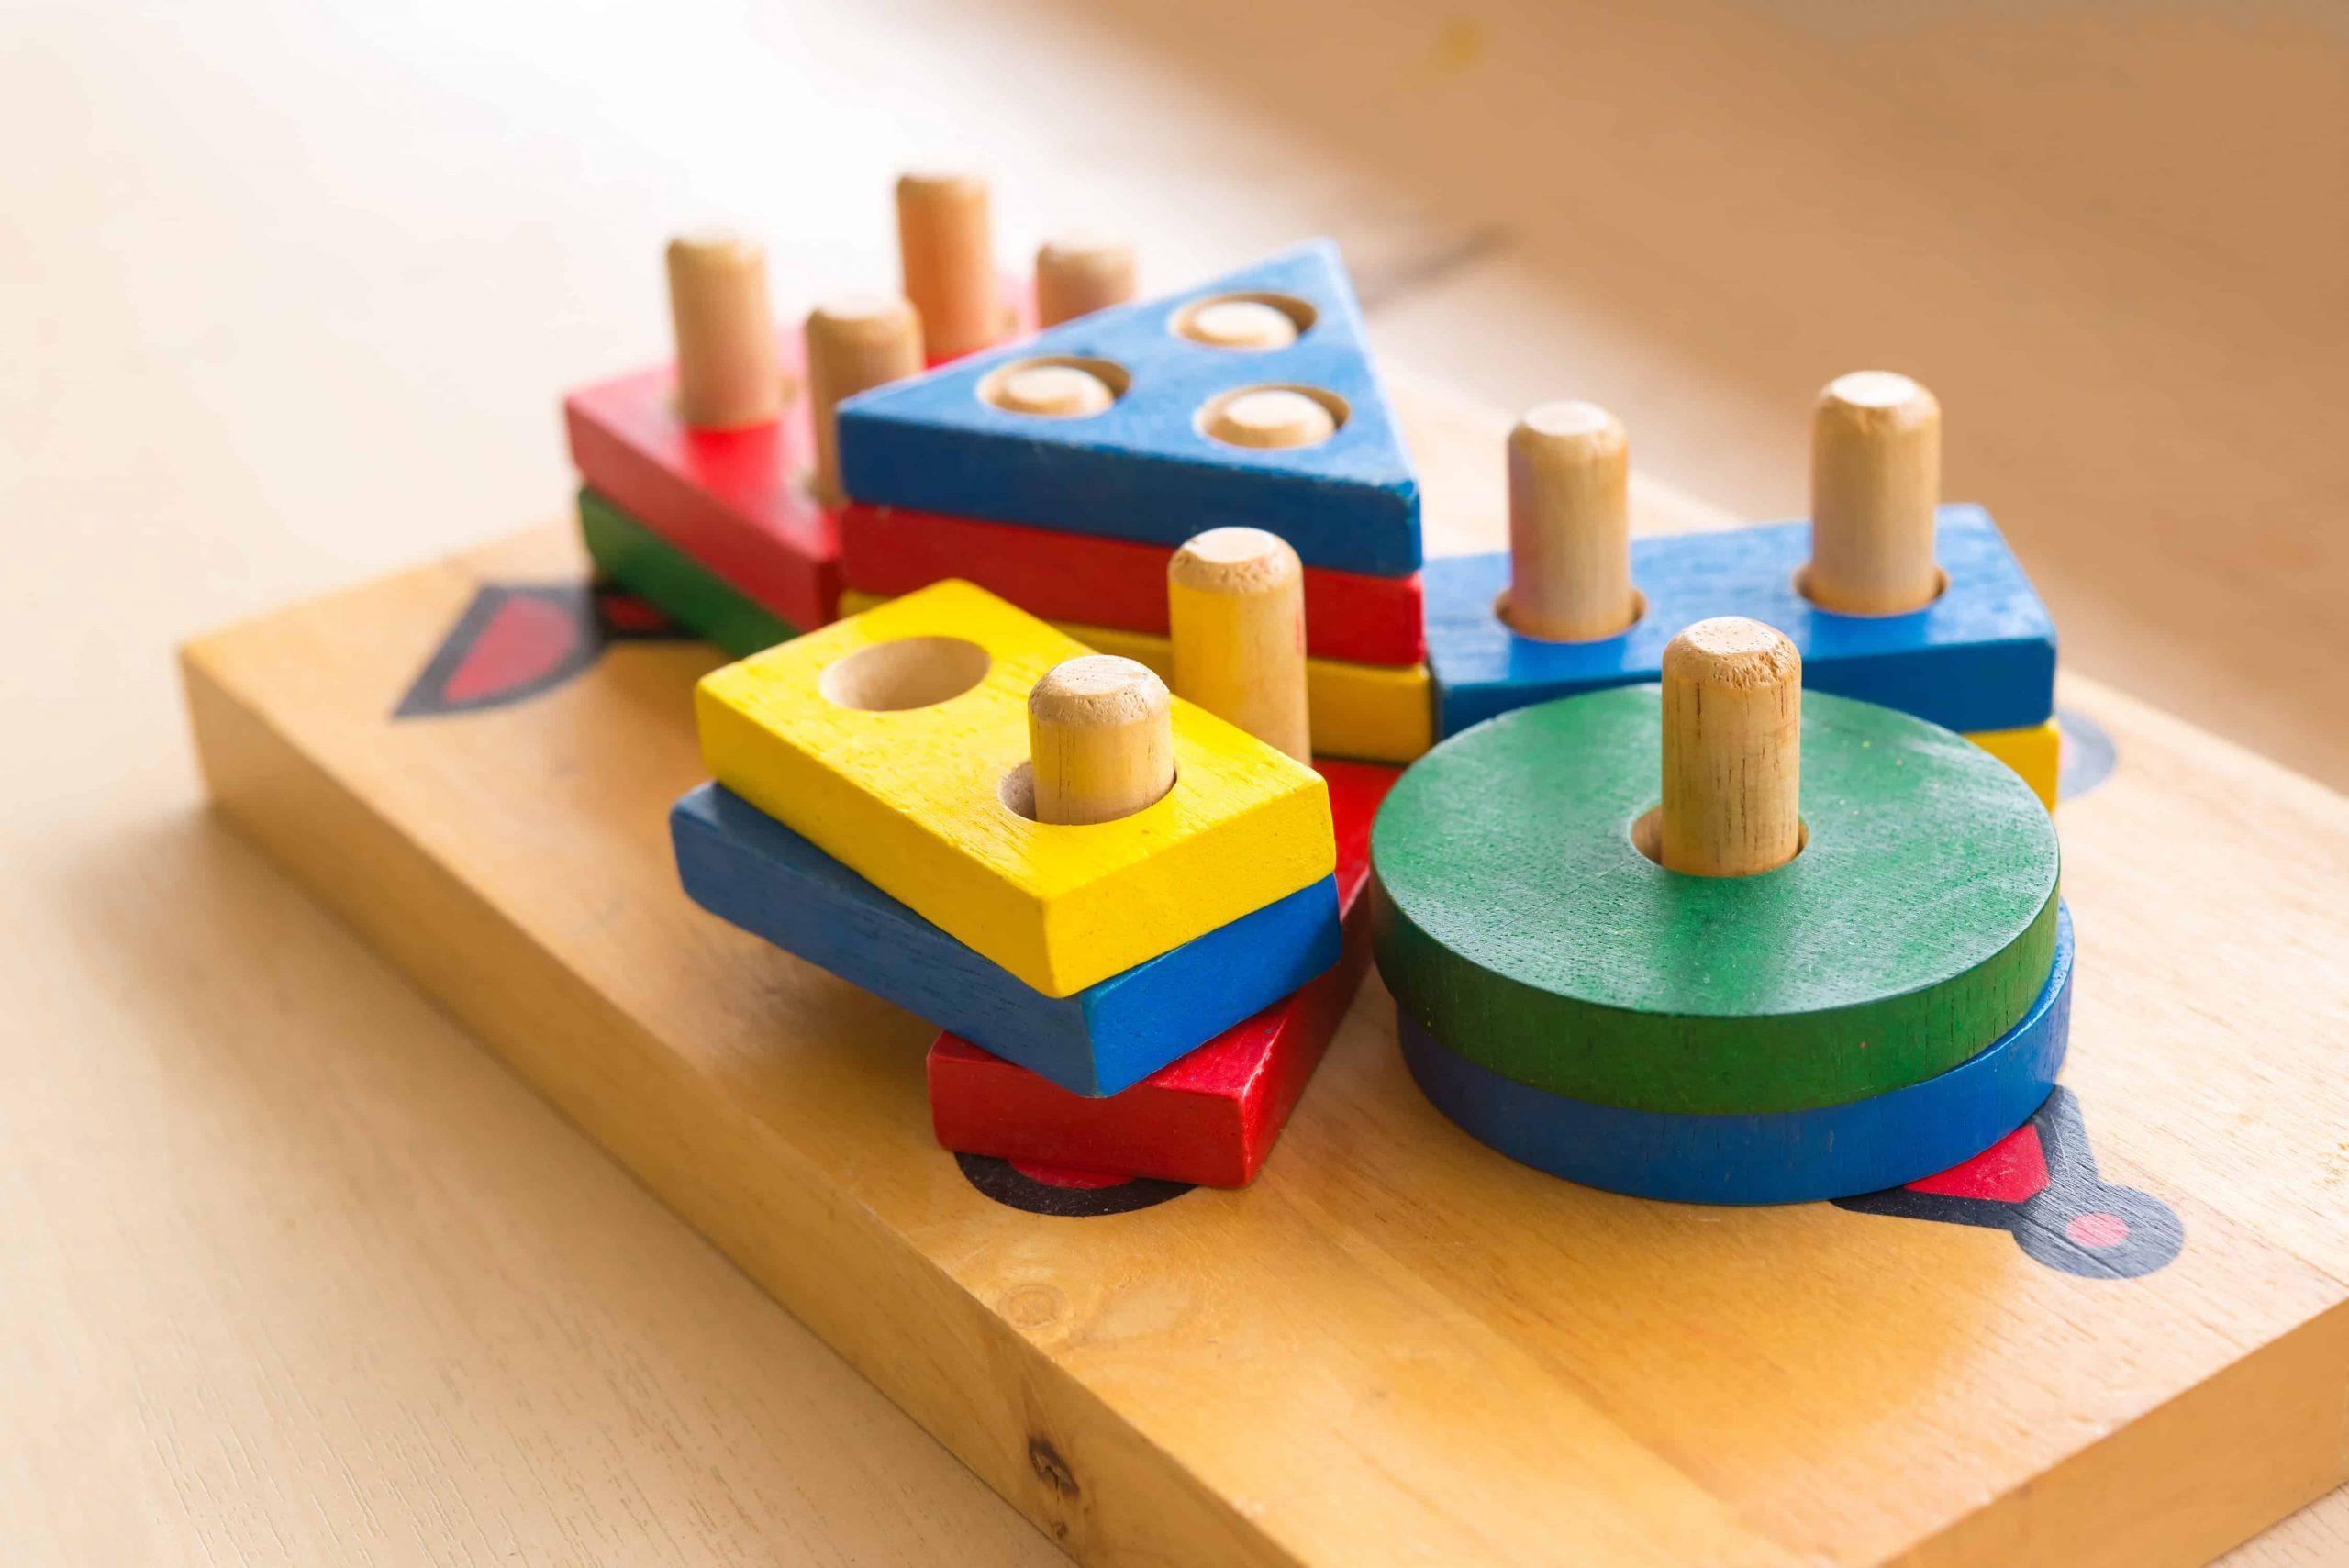 Holzspielzeug: Test & Empfehlungen (03/21)